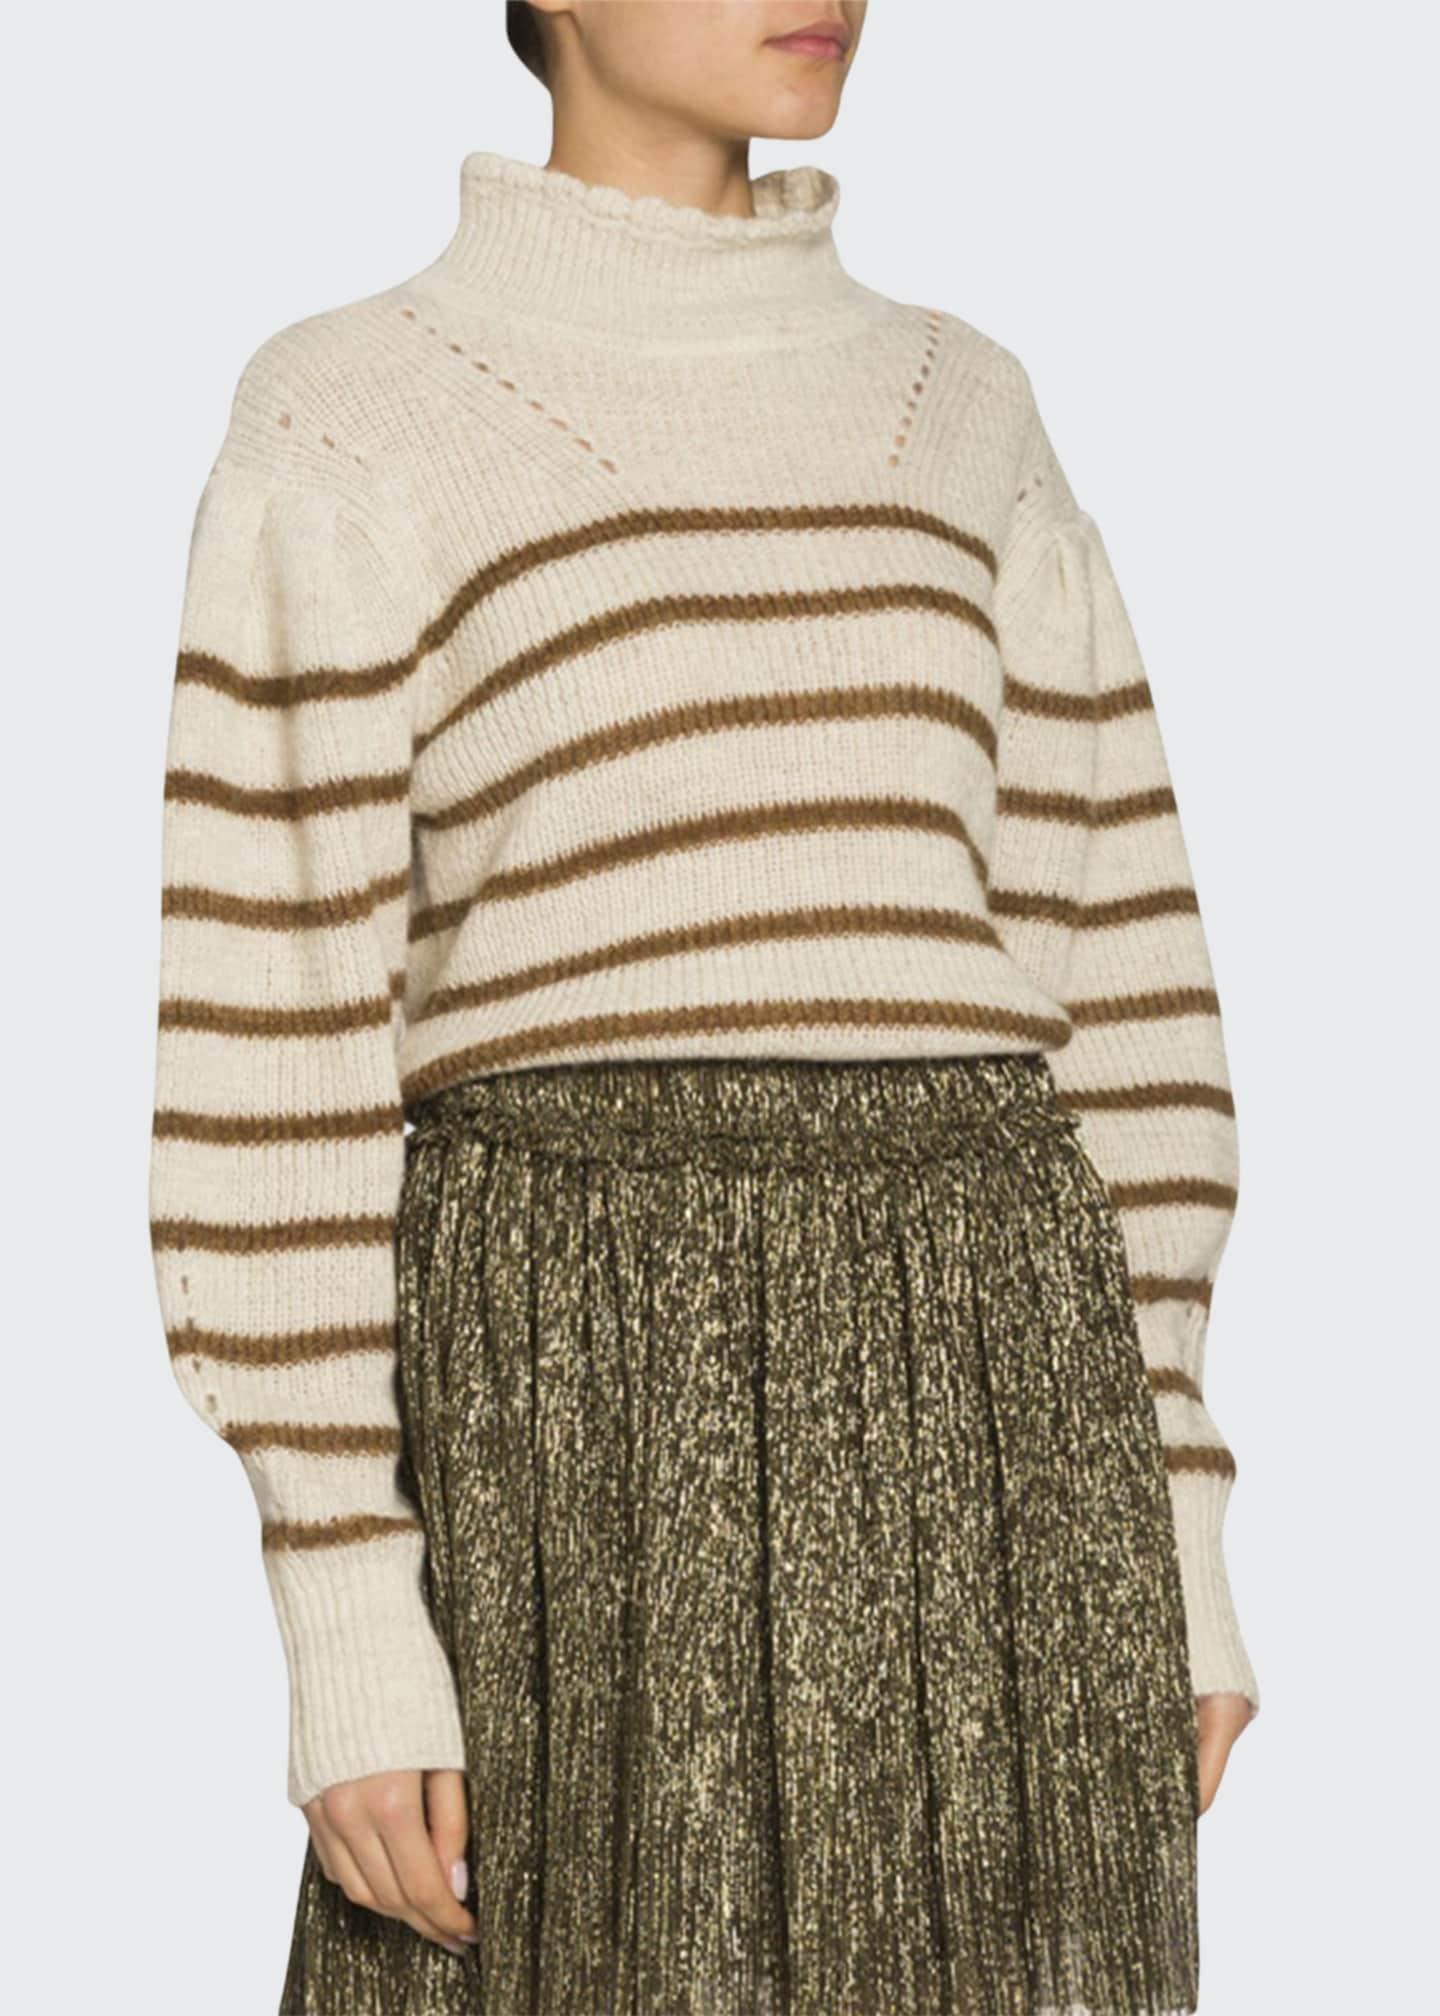 Etoile Isabel Marant Georgia Striped Drop-Shoulder Turtleneck